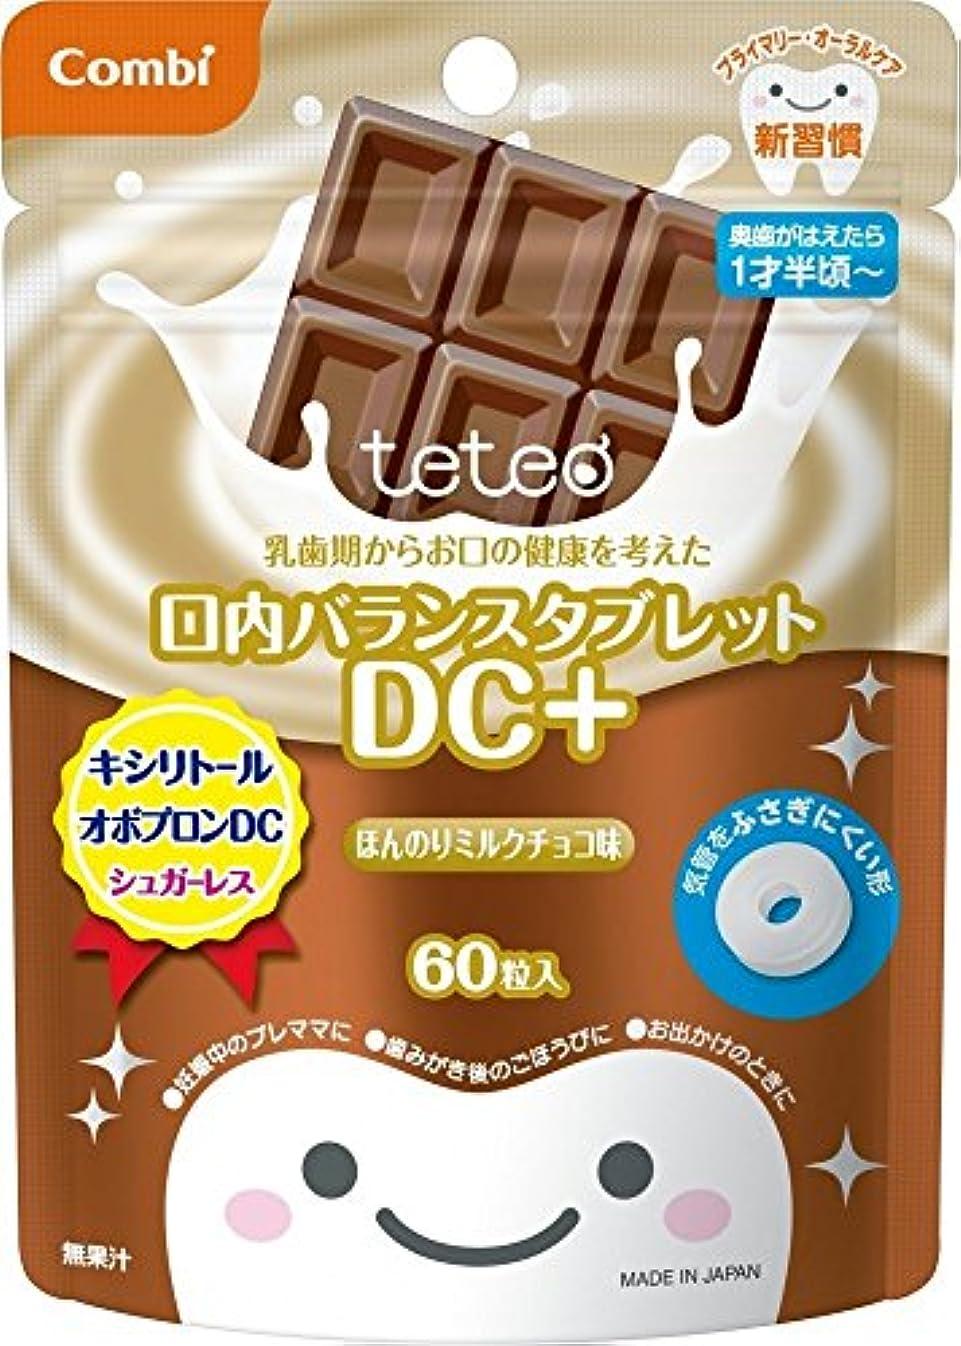 ブラジャー追跡シーンコンビ テテオ 乳歯期からお口の健康を考えた口内バランスタブレット DC+ ほんのりミルクチョコ味 60粒